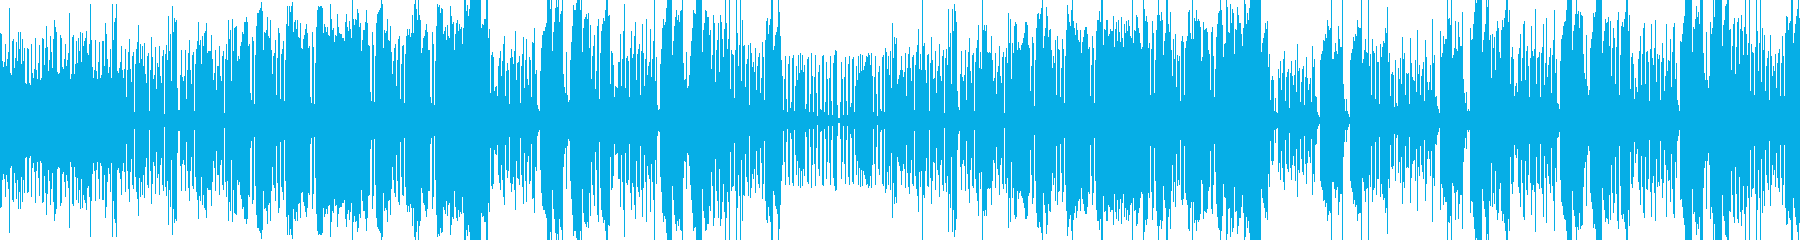 怪しくてコミカル キャラテーマ ループの再生済みの波形